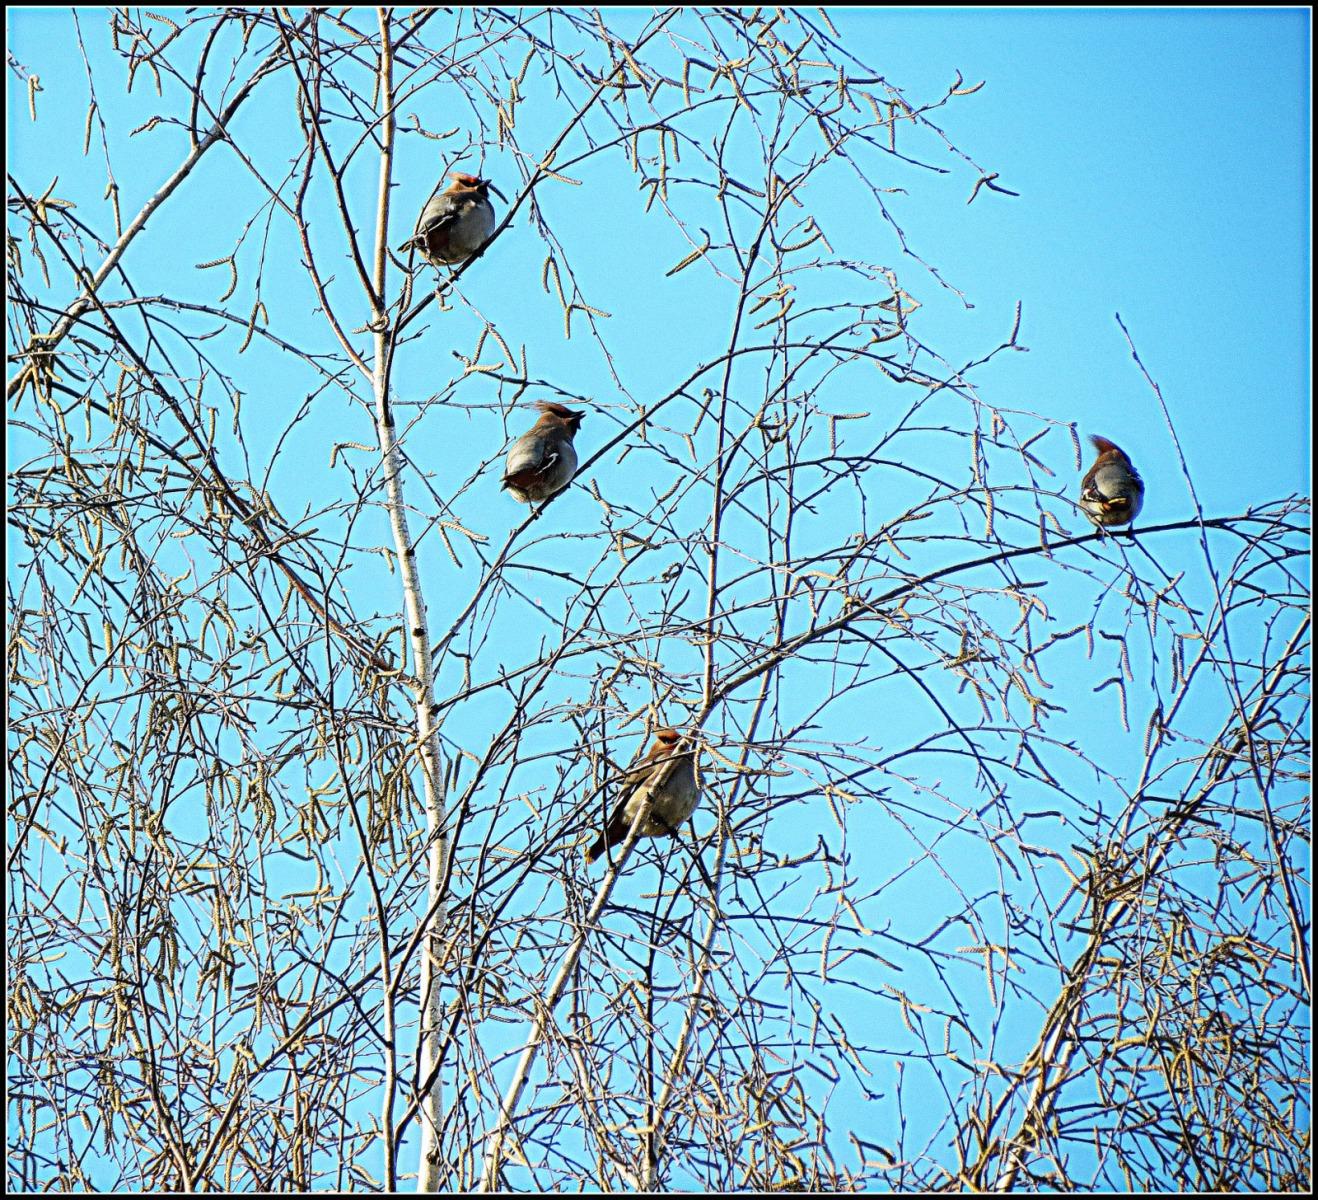 Весна прилетели птицы картинки